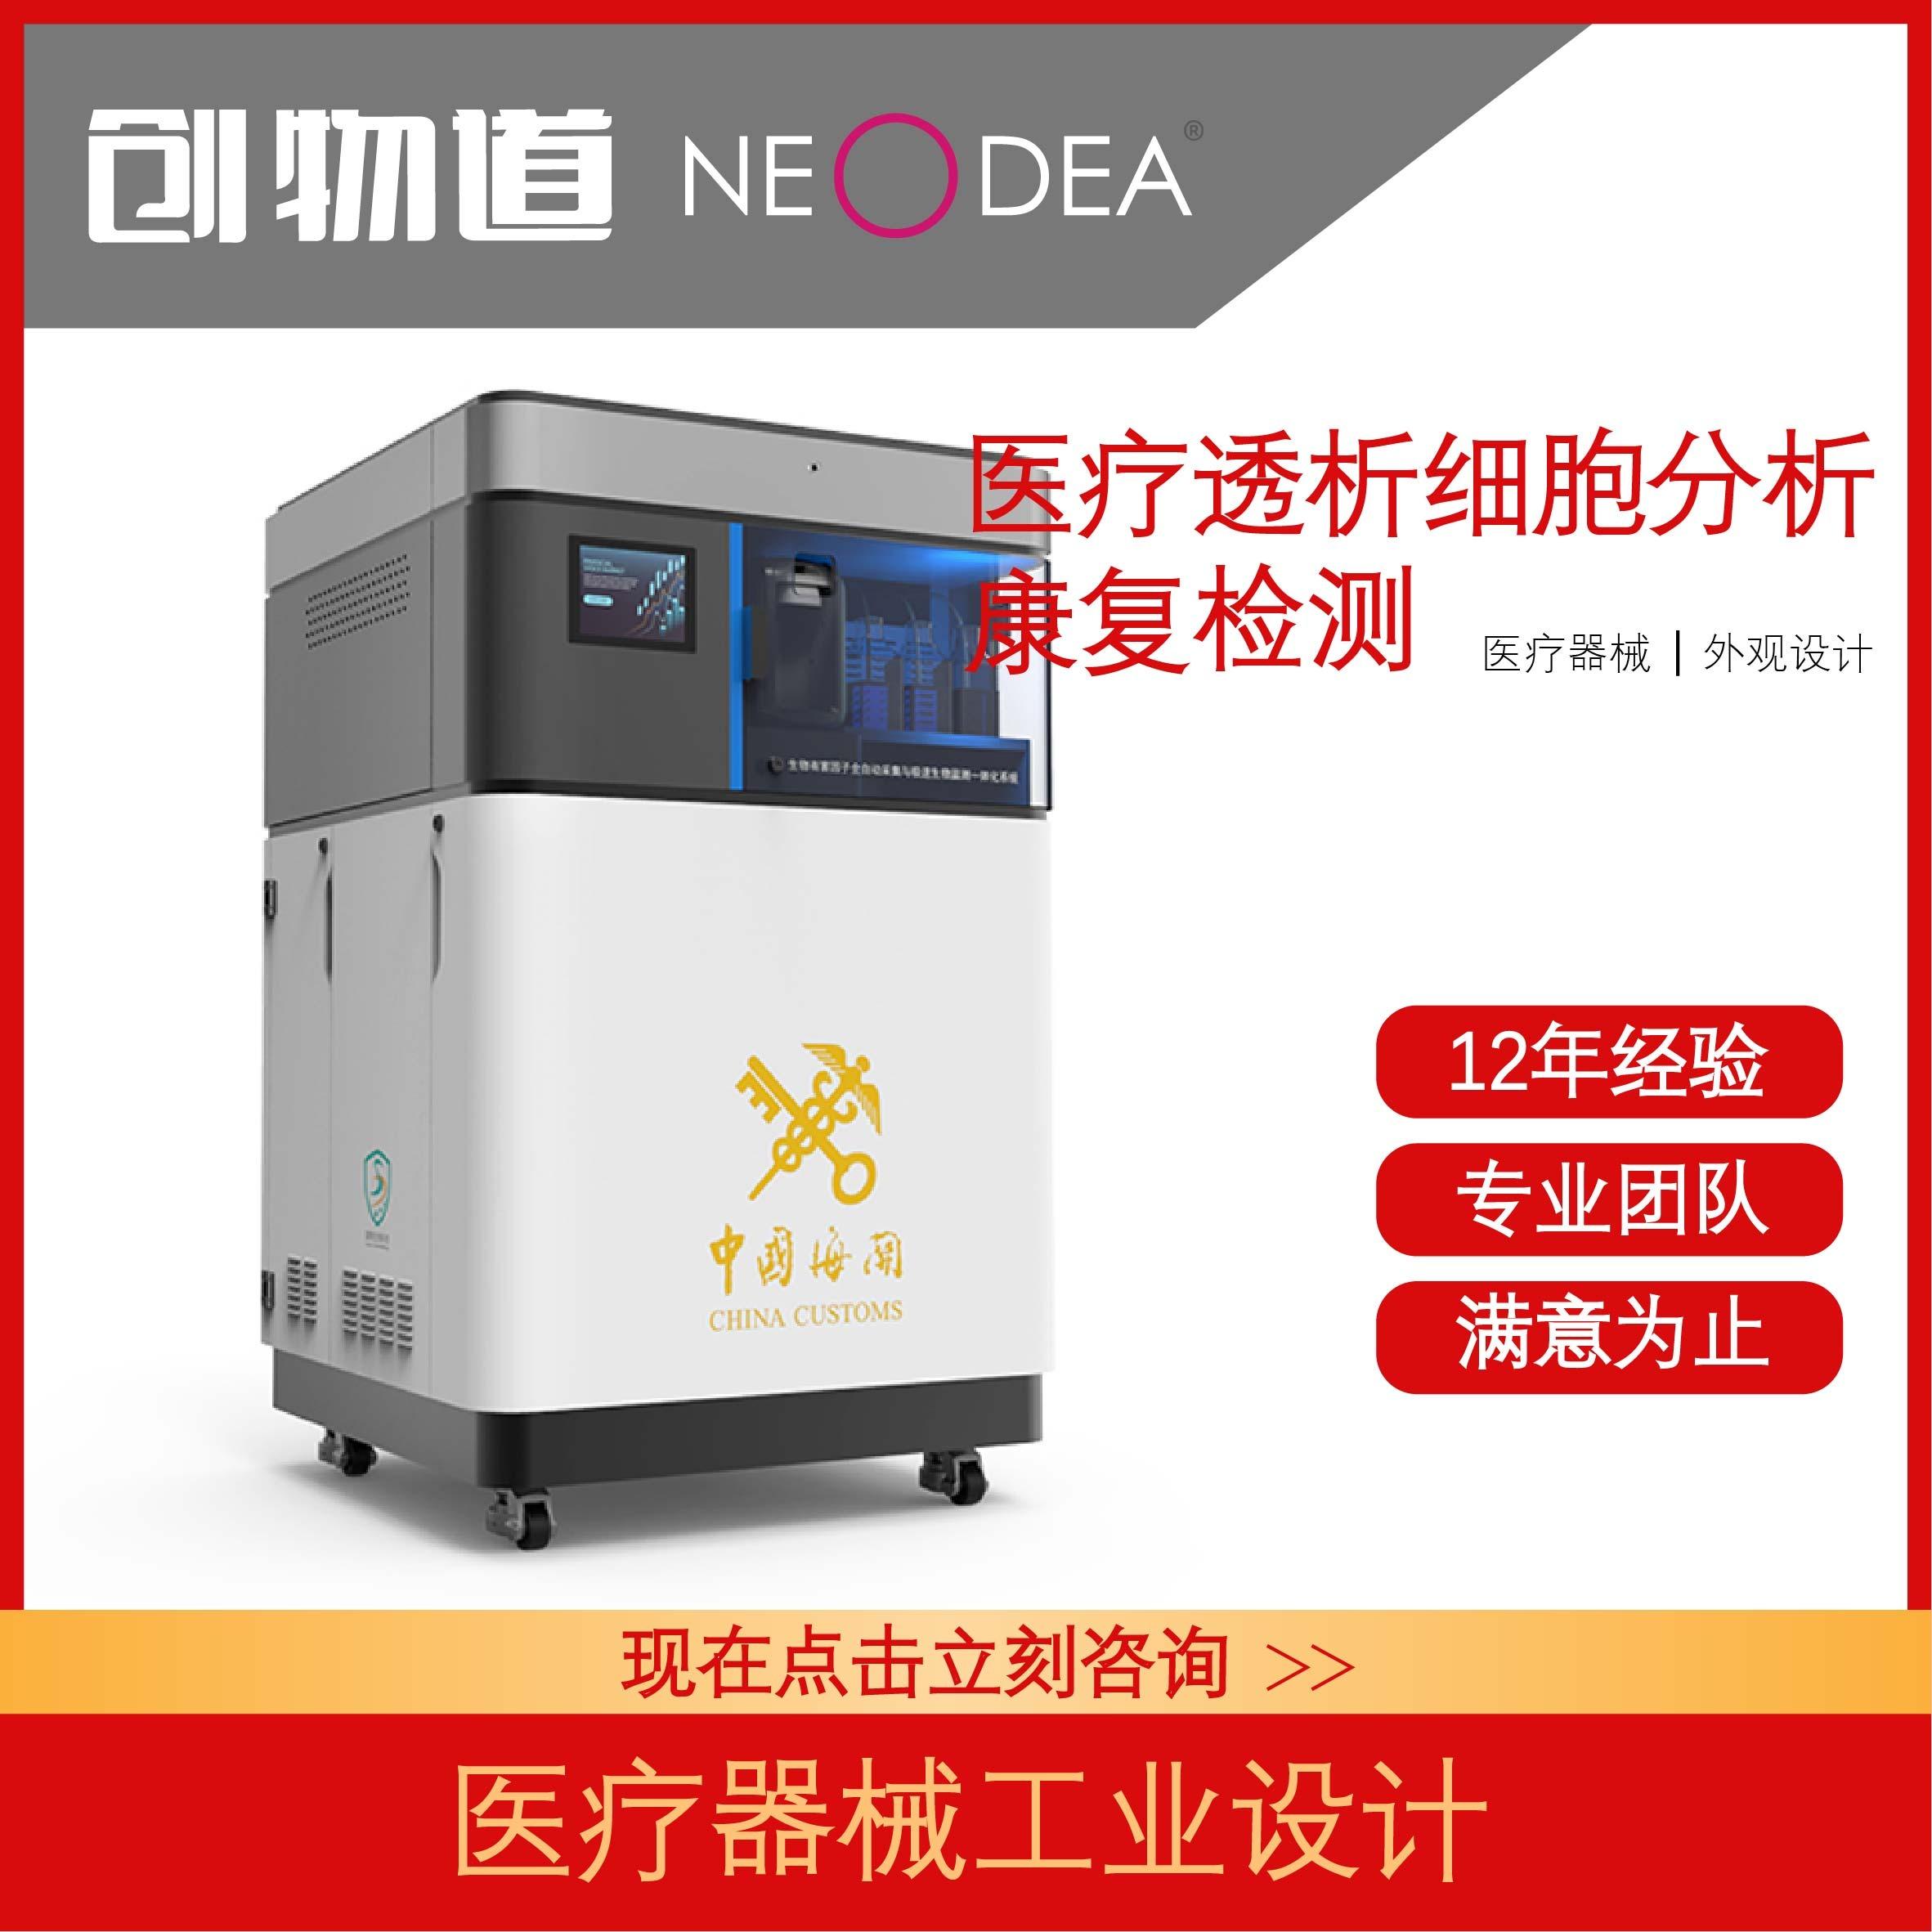 医疗透析细胞分析康复检测清肺等离子外观结构工业 设计 样机制作